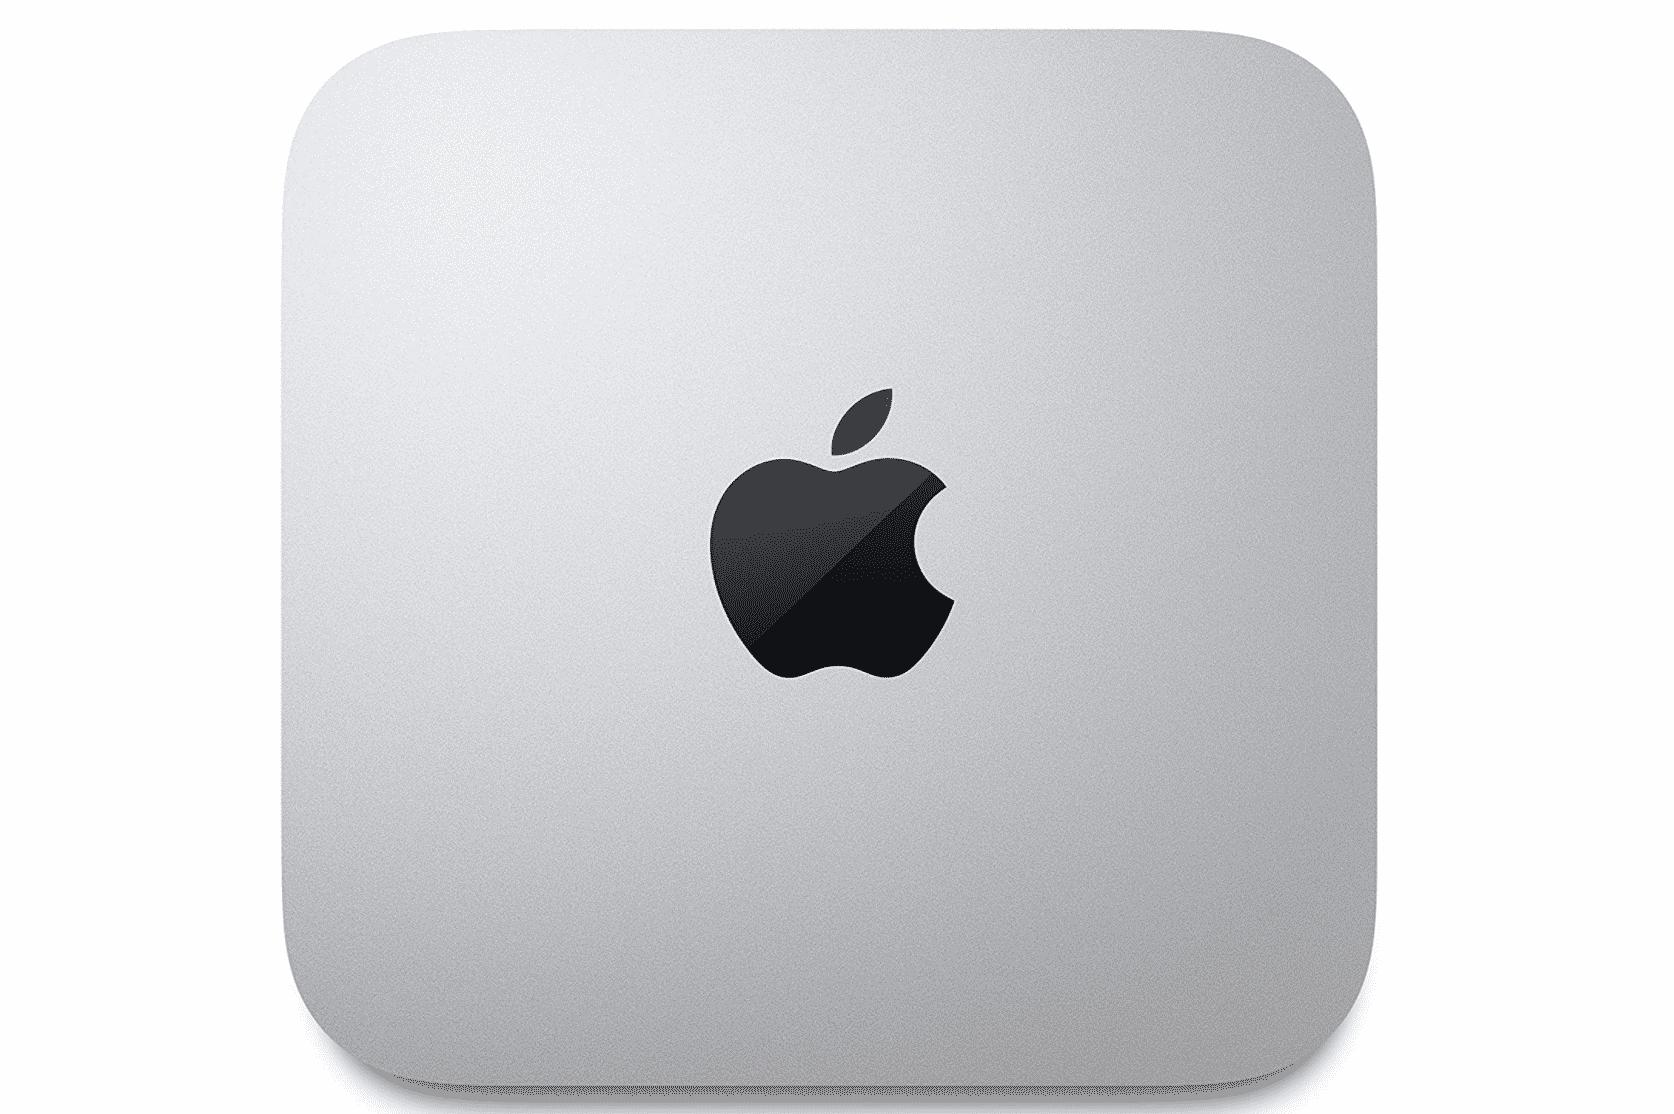 New Apple Mac Mini